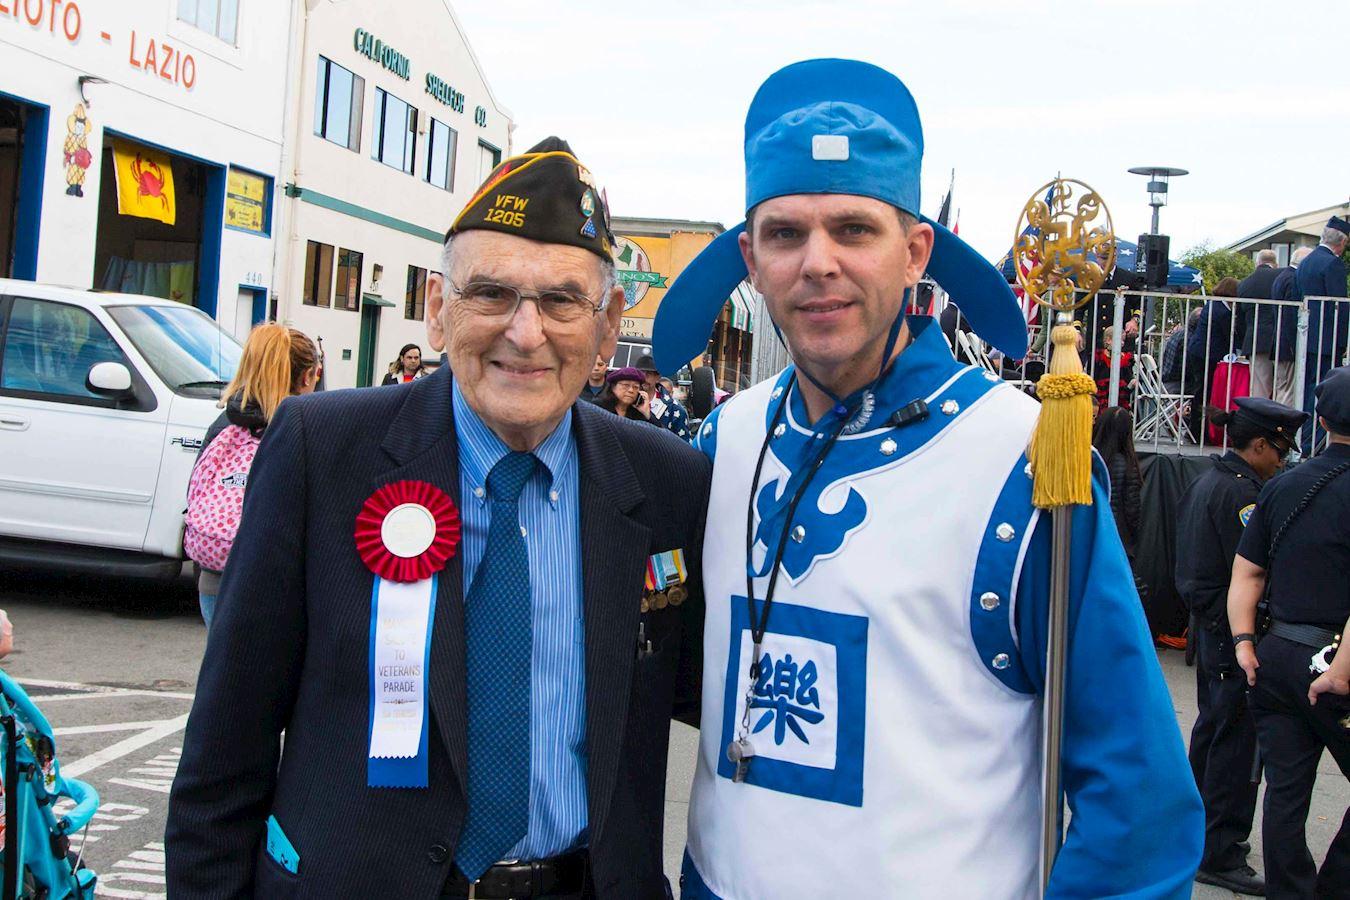 遊行主辦者Wallace Levin(左)表示,法輪功學員能參加老兵節遊行,他感到榮幸。(明慧網)